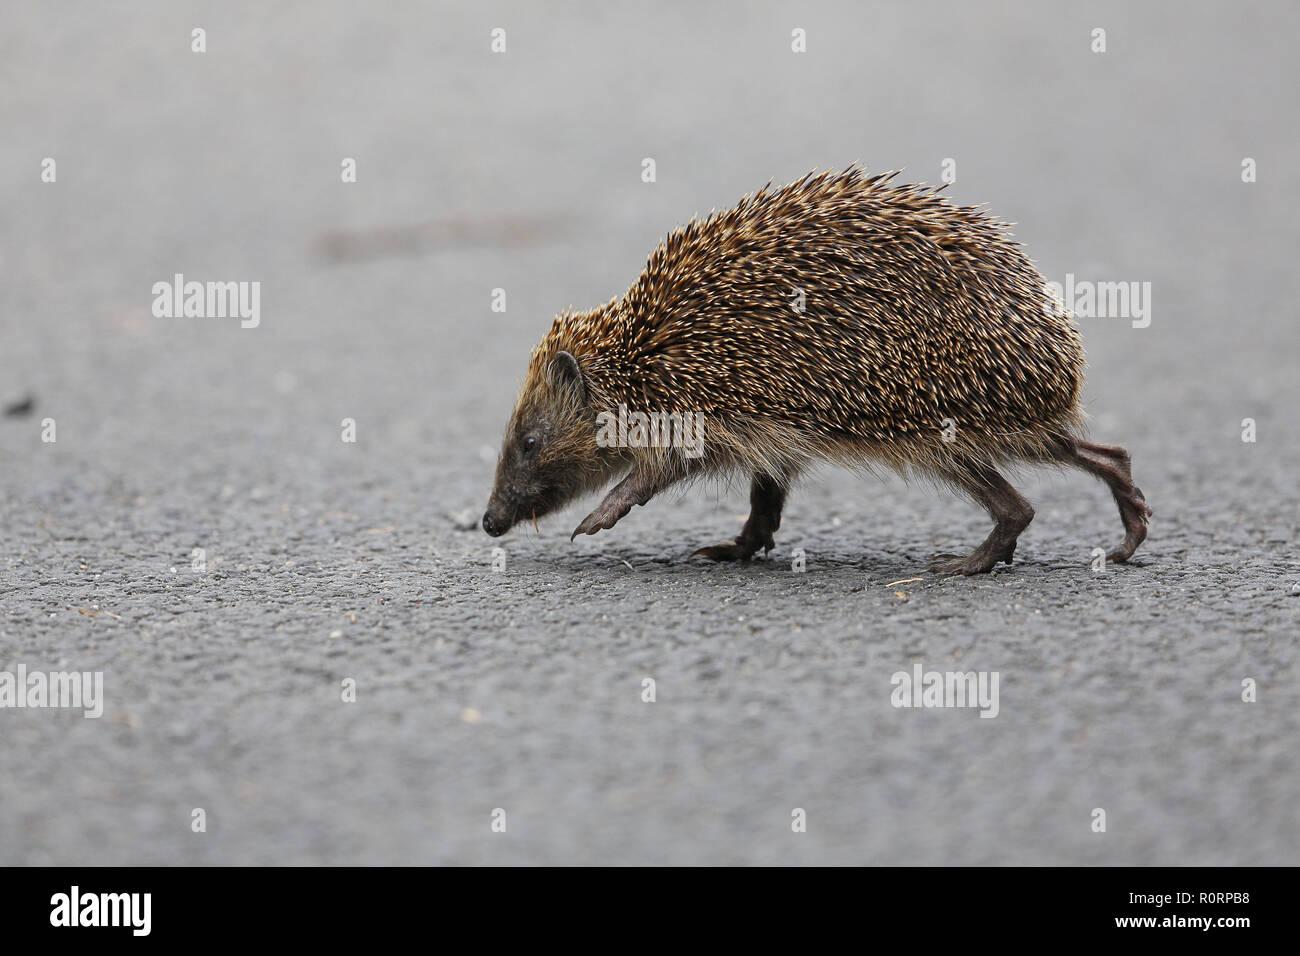 European Hedgehog, Erinaceus europeus, crossing road - Stock Image